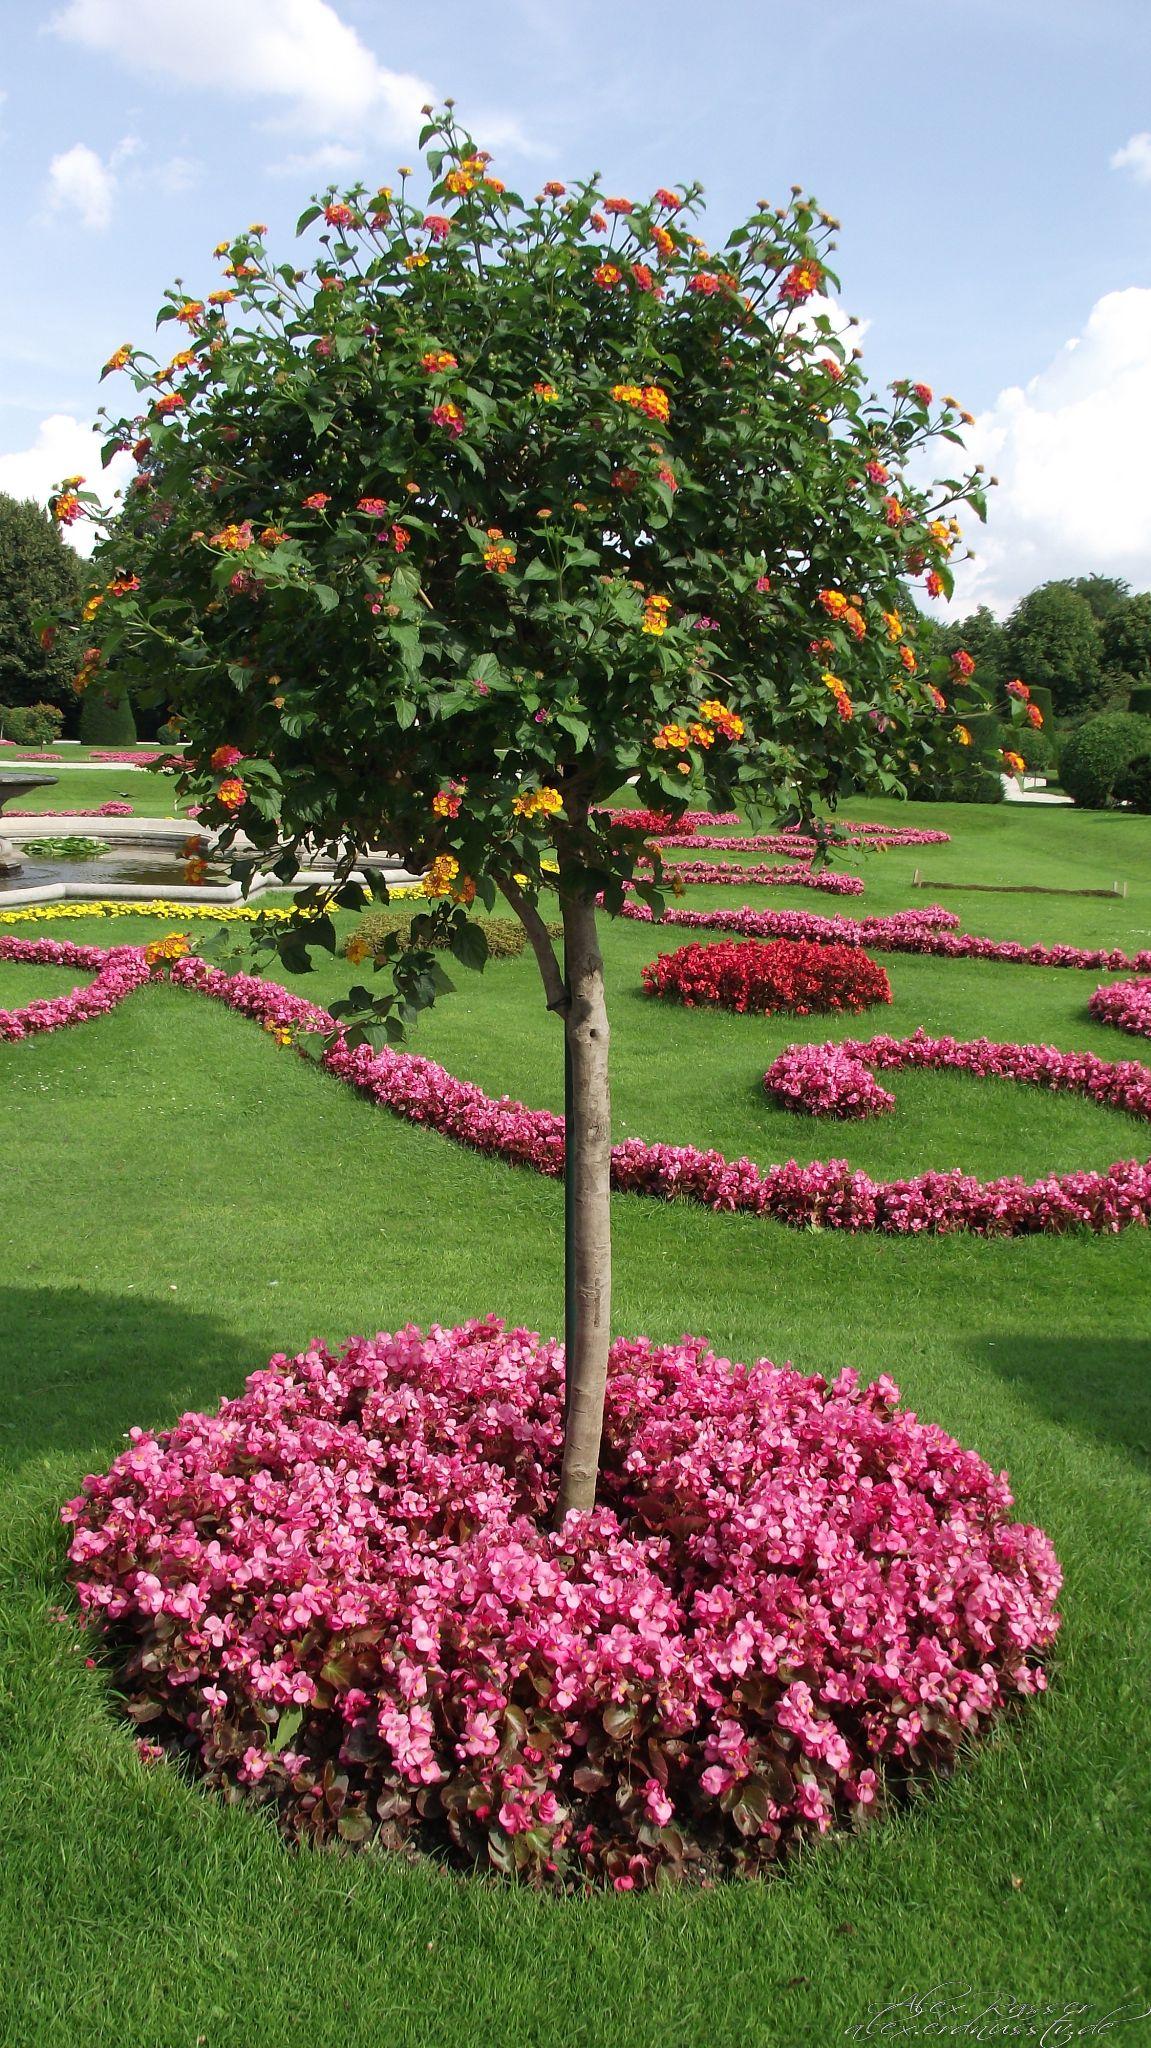 Schlosspark Schönbrunn by alexrasser